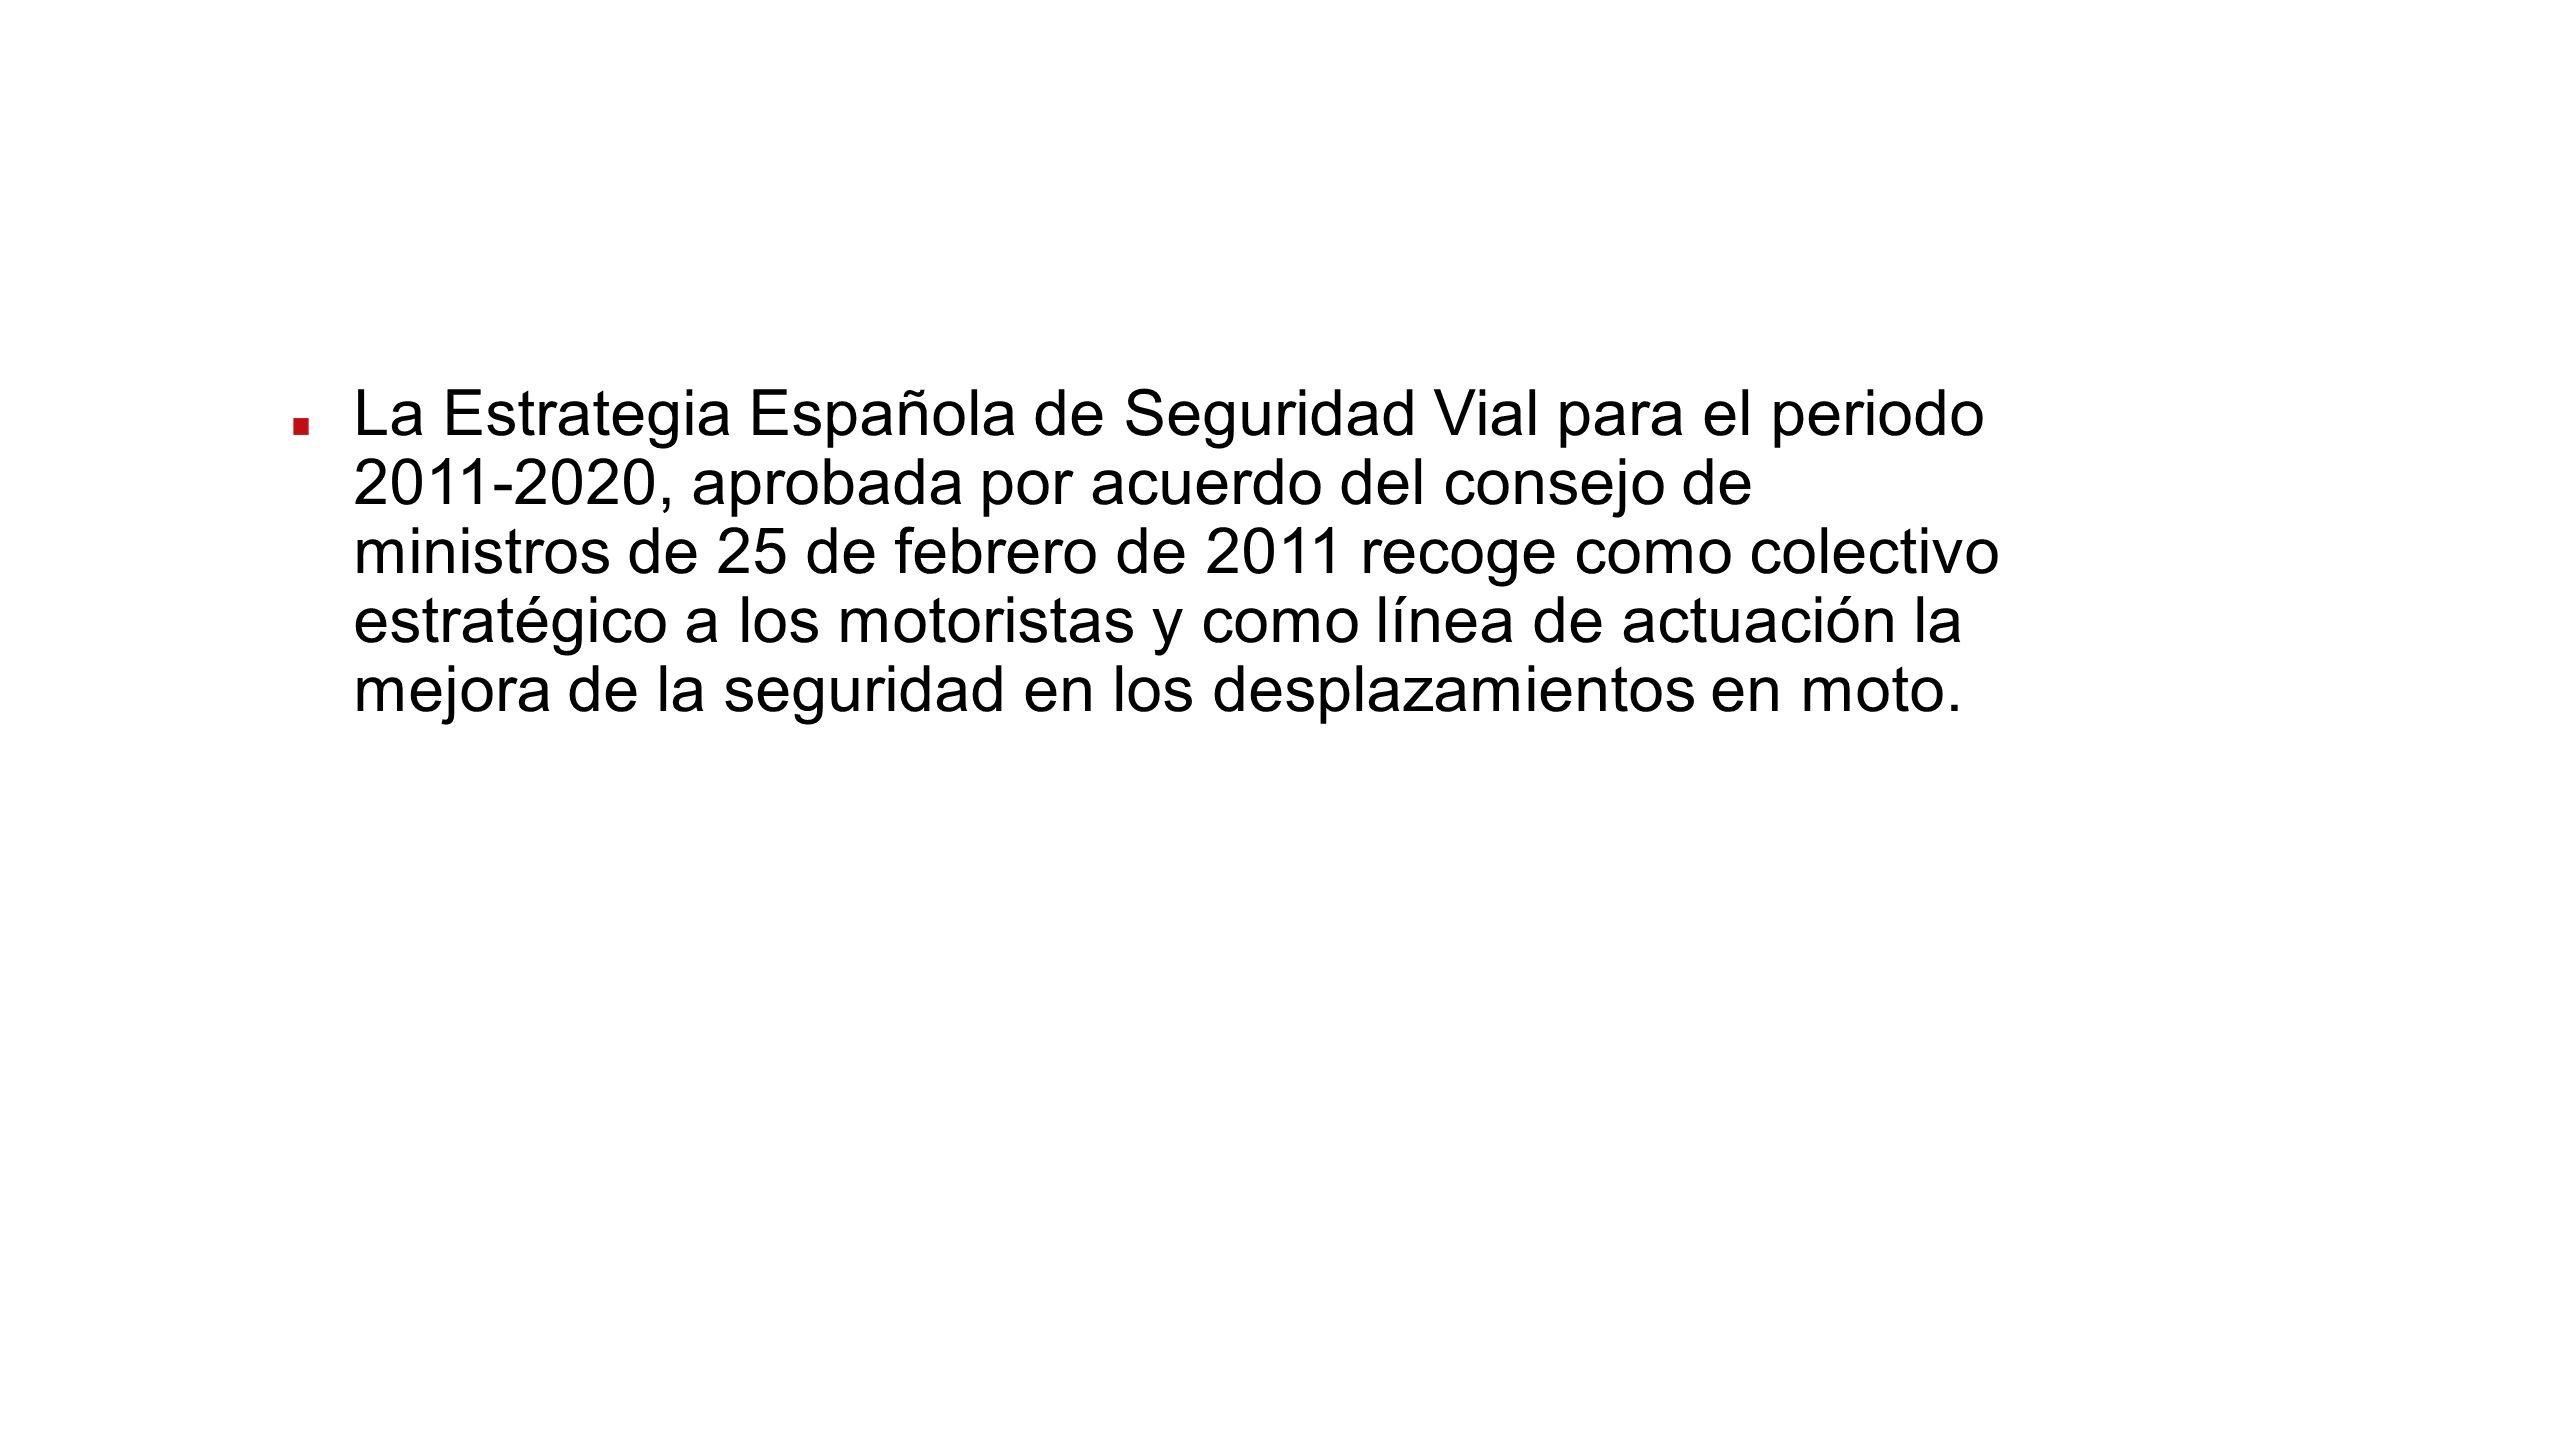 La Estrategia Española de Seguridad Vial para el periodo 2011-2020, aprobada por acuerdo del consejo de ministros de 25 de febrero de 2011 recoge como colectivo estratégico a los motoristas y como línea de actuación la mejora de la seguridad en los desplazamientos en moto.